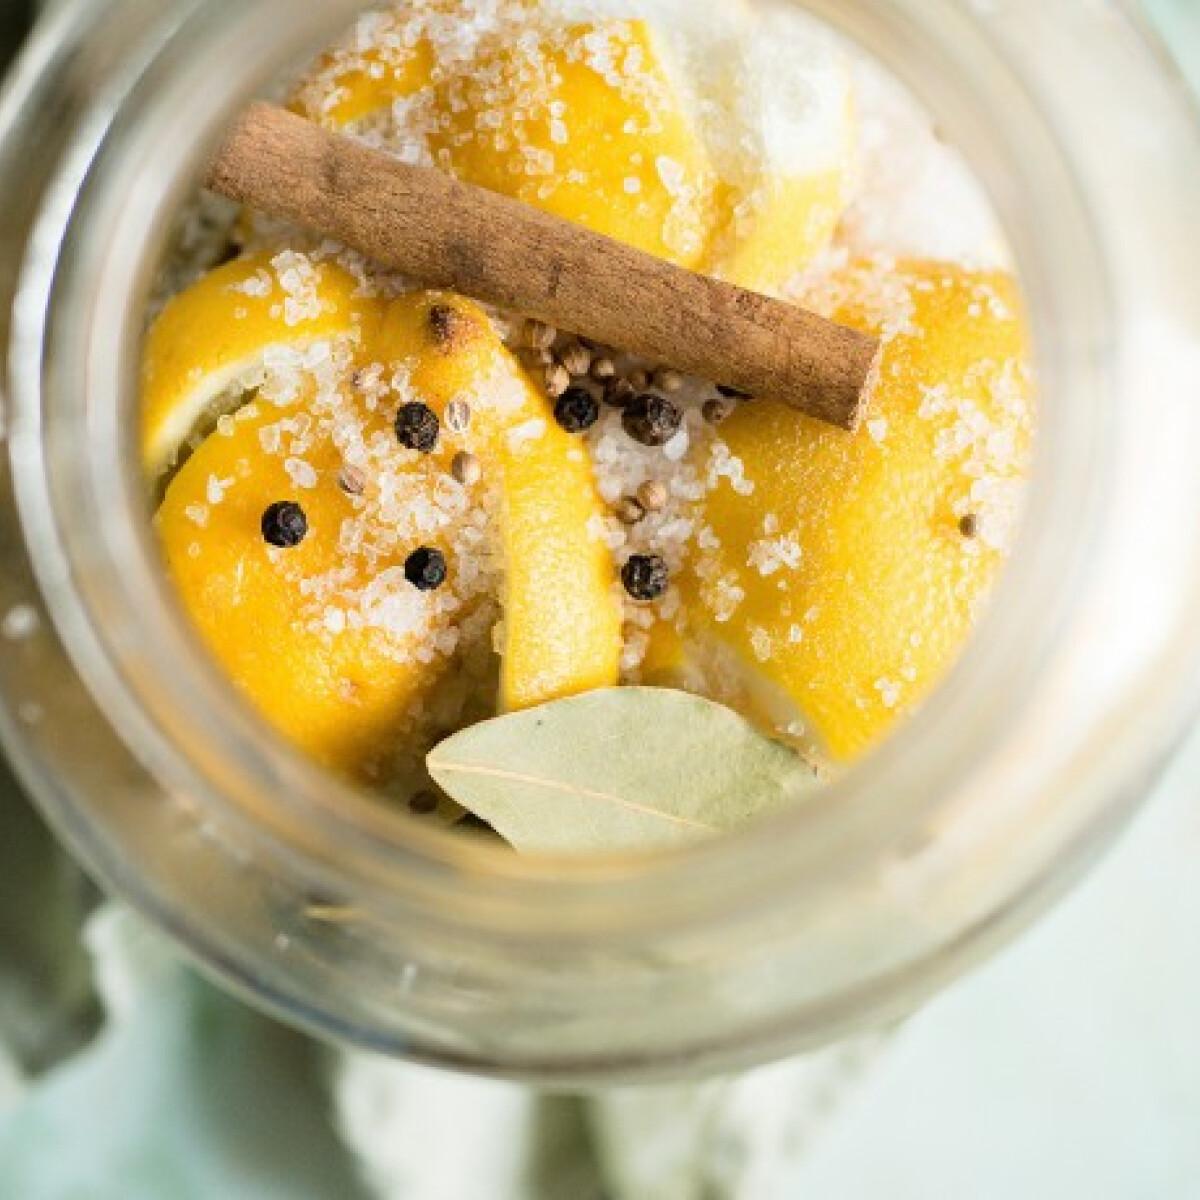 Sóban eltett citrom